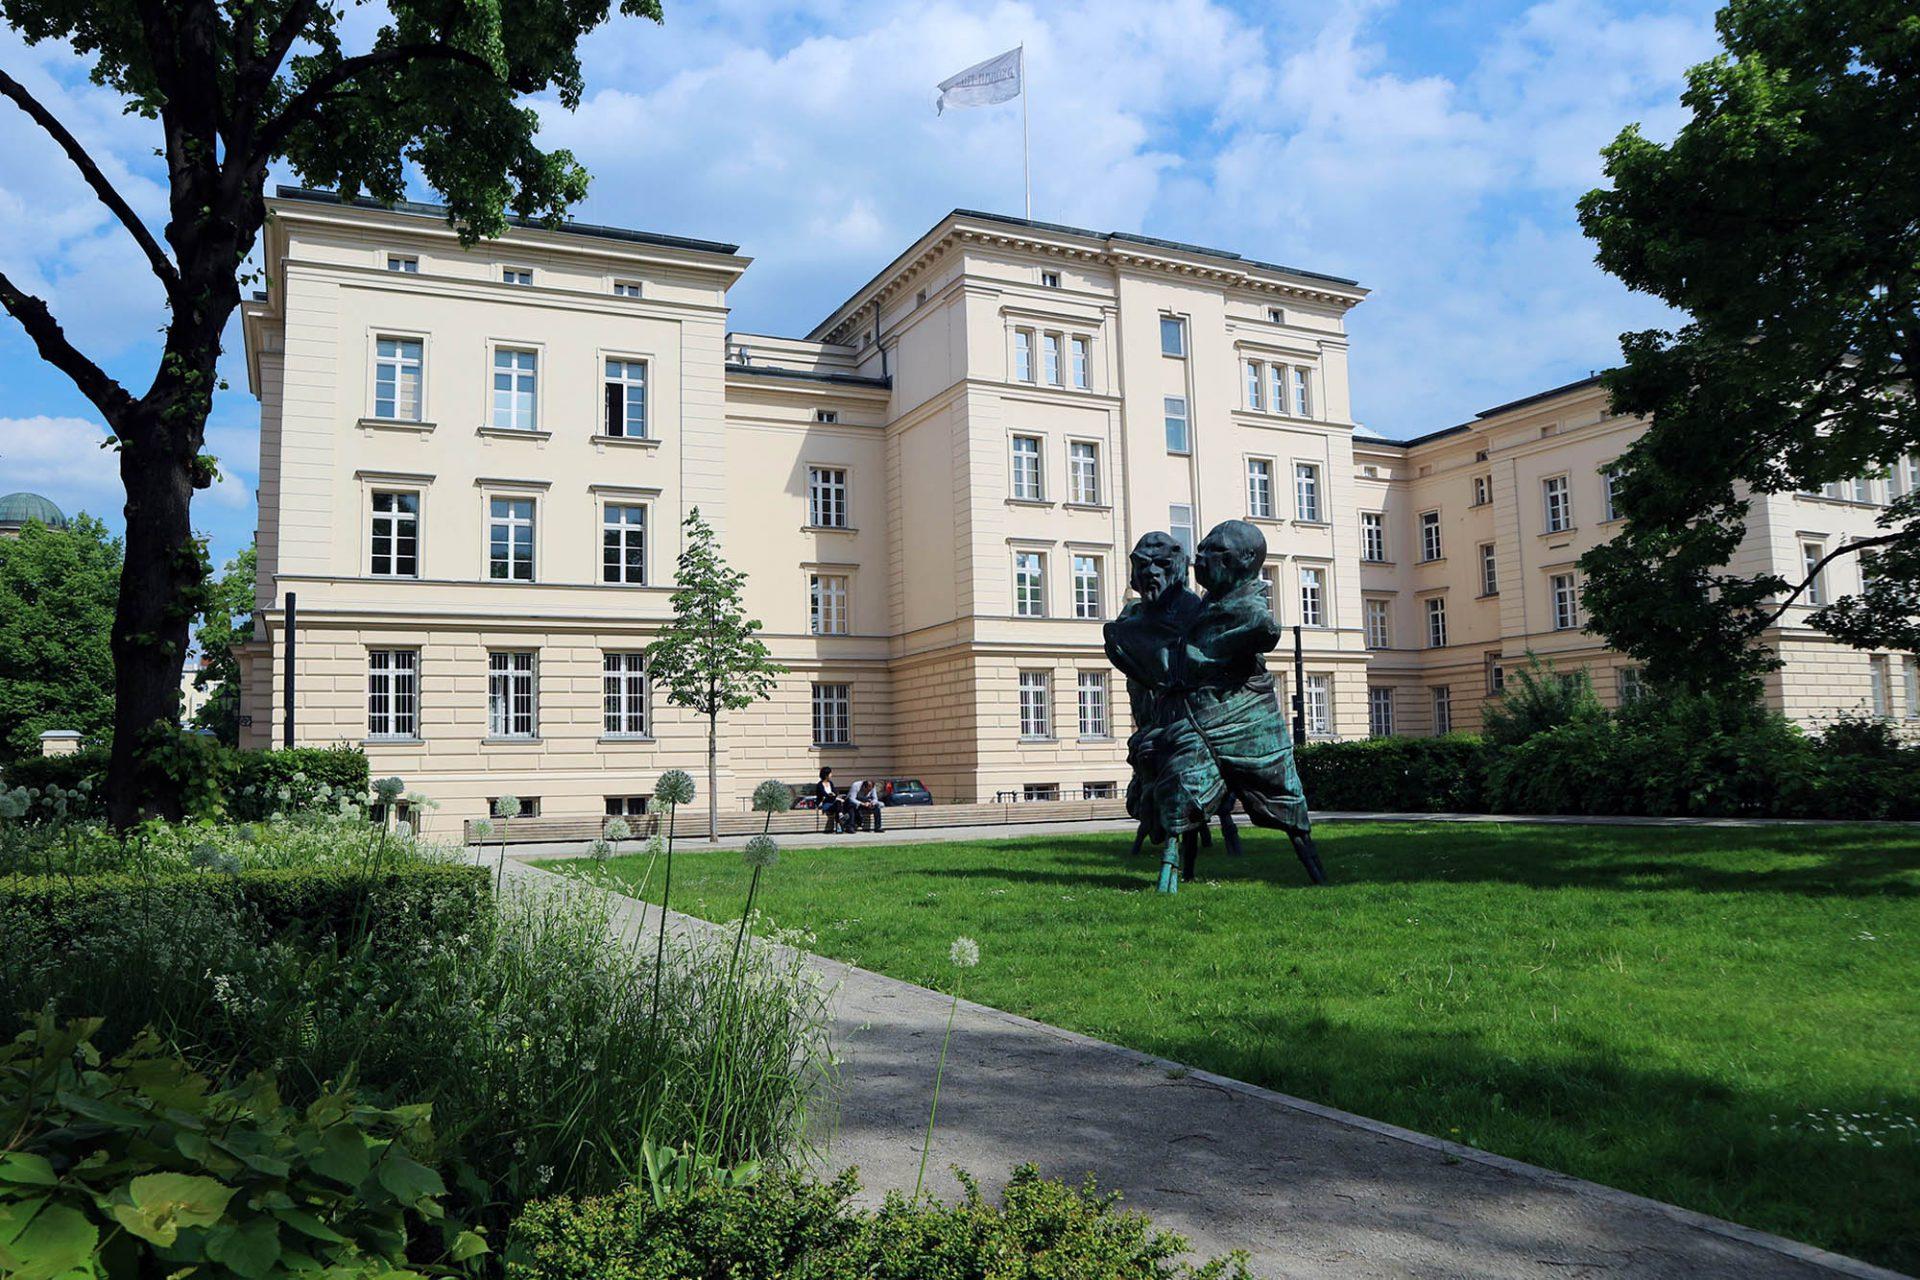 Klassizistisch.  Seit 1983 befindet sich die Sammlung in den Räumen der spät-klassizistischen Infanterie-Kasernengebäude des Charlottenburger Schlosses von 1893.